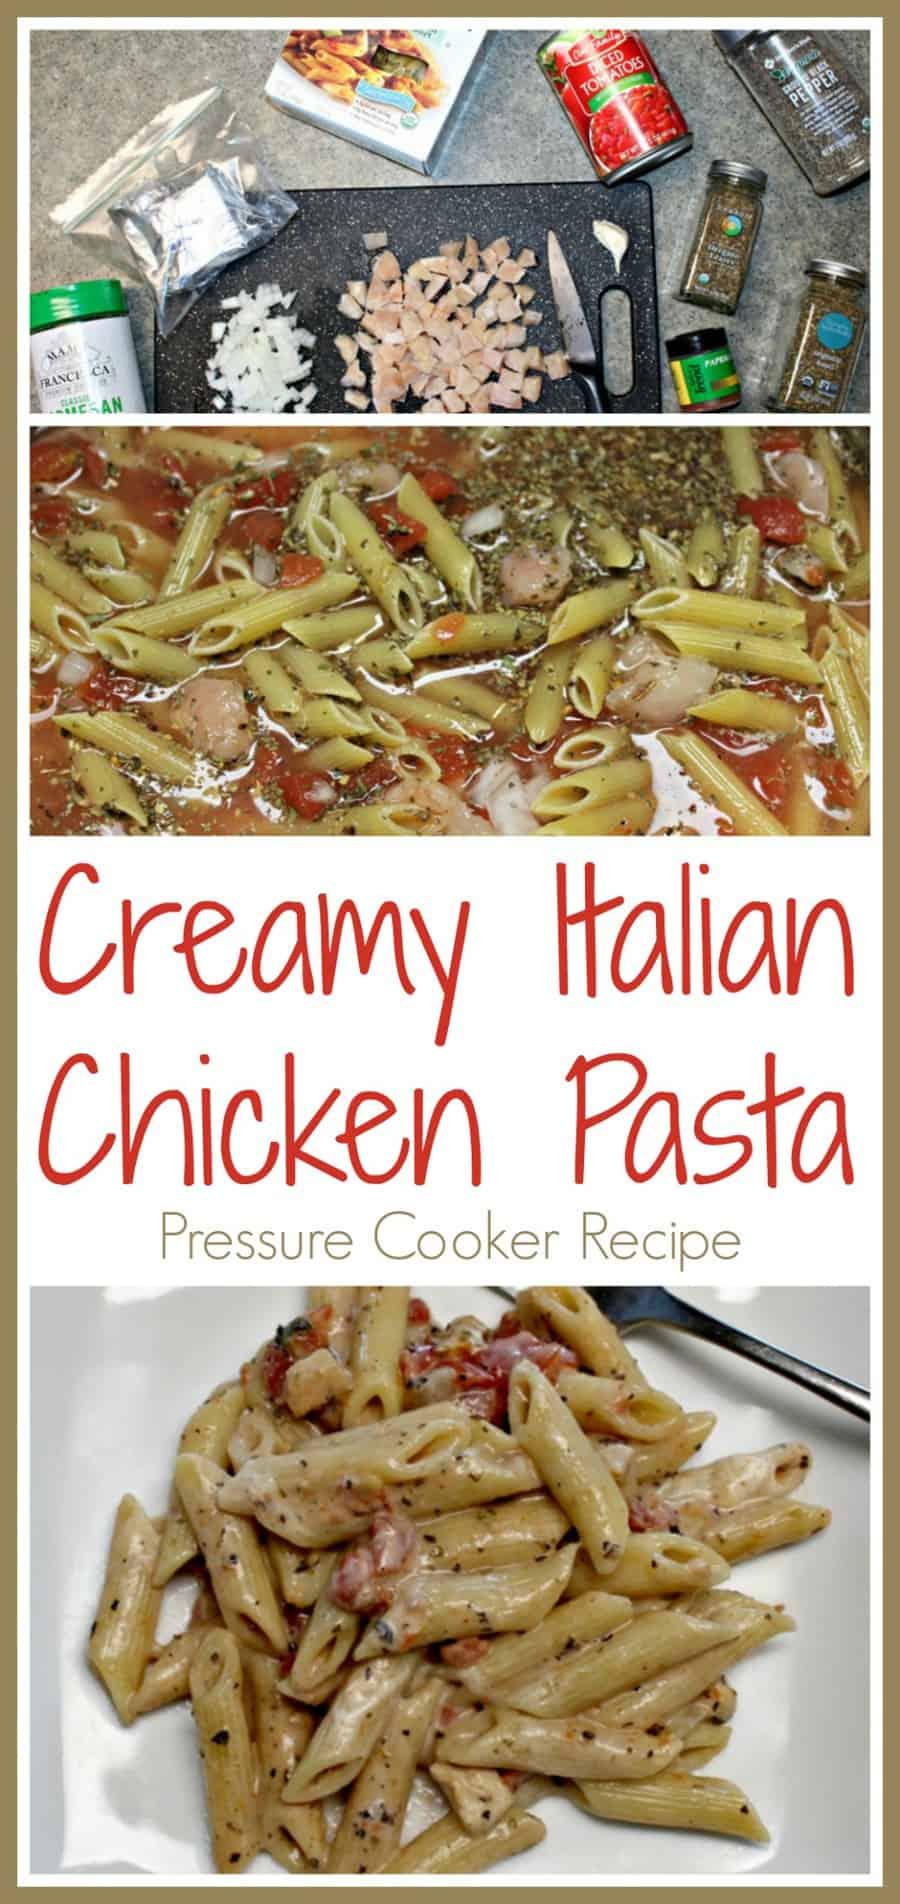 Creamy Italian Chicken Pasta {Pressure Cooker Recipe}